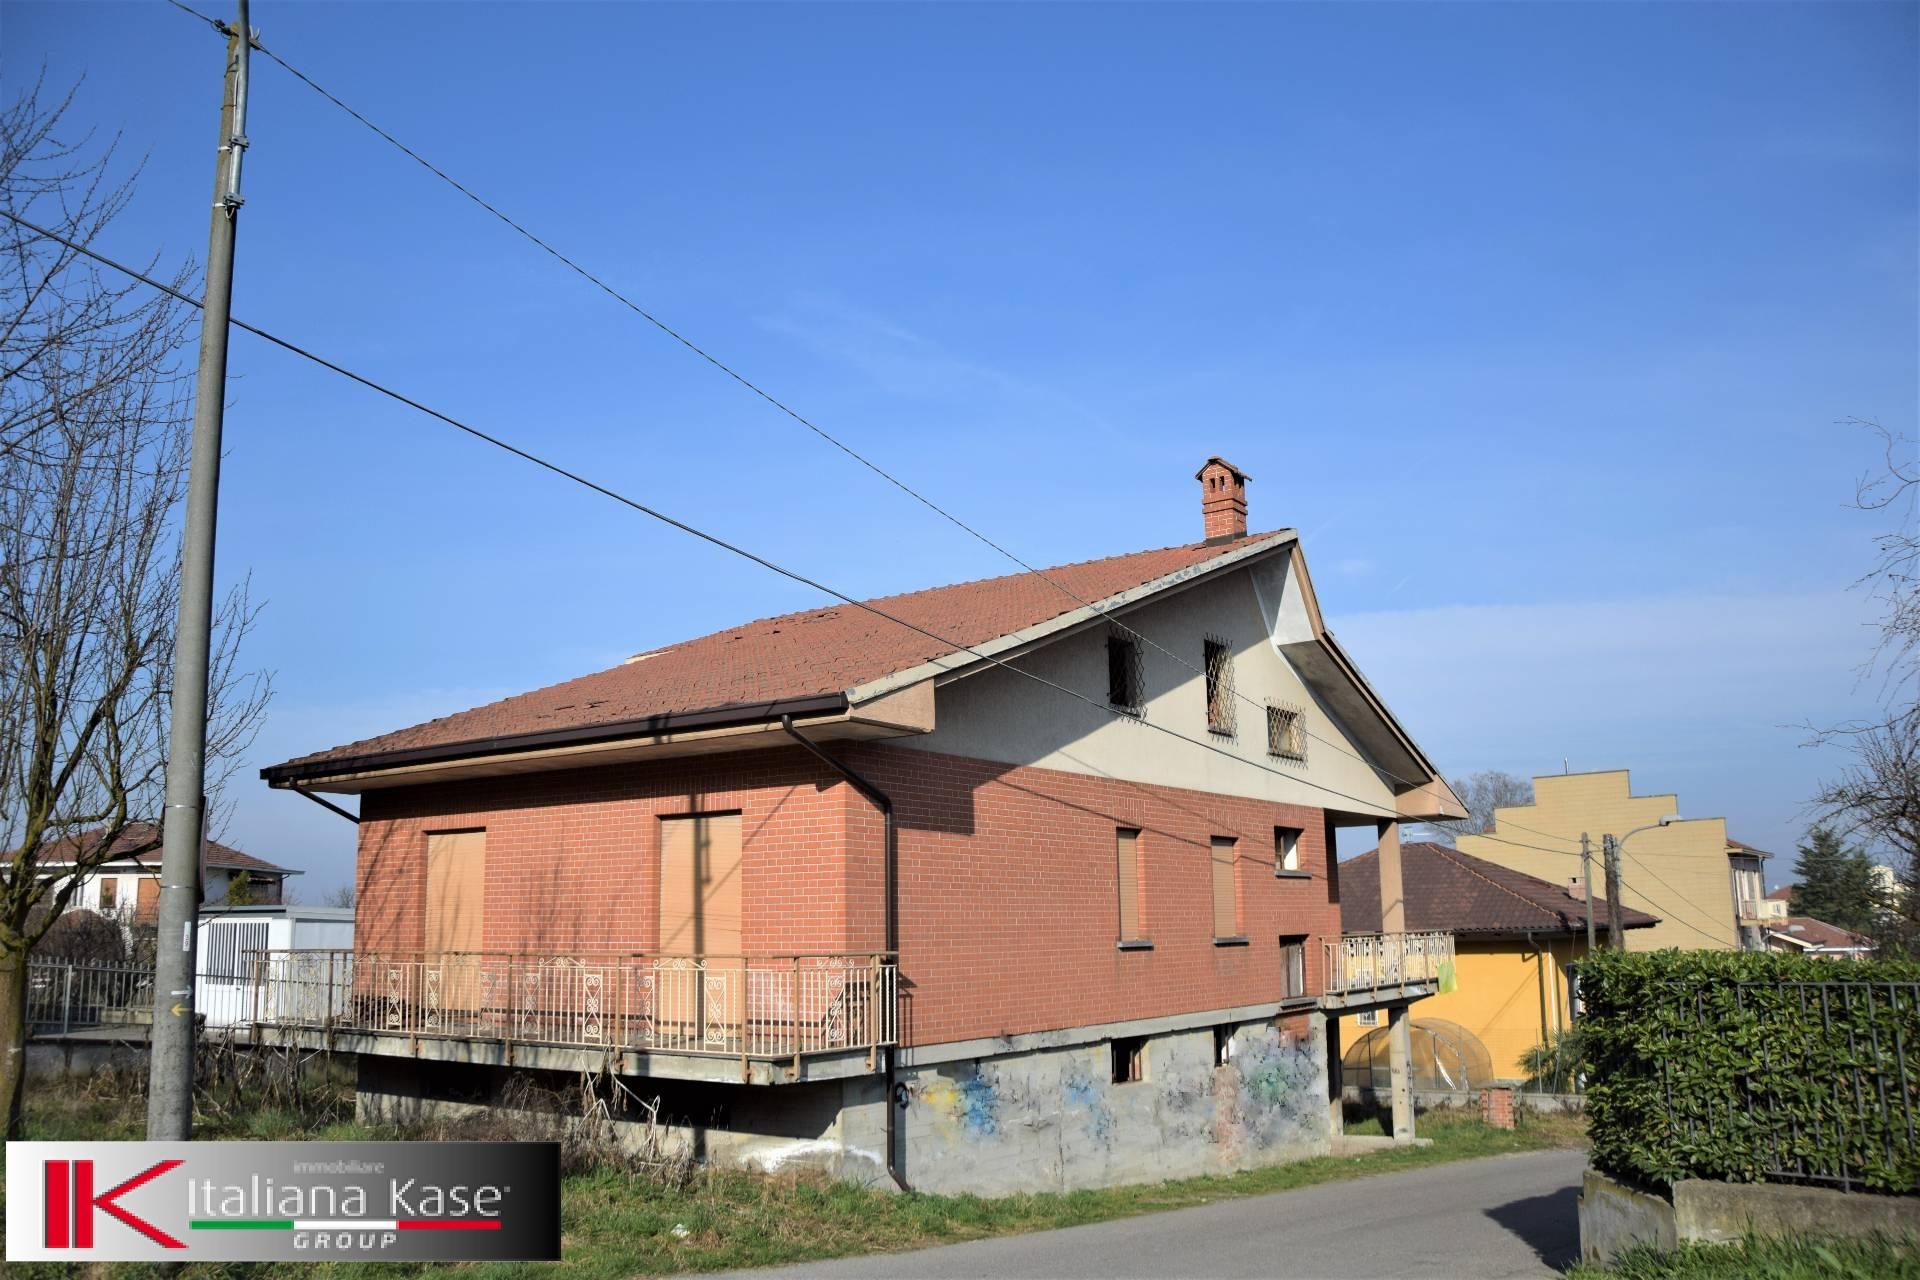 Soluzione Indipendente in vendita a Castiglione Torinese, 8 locali, zona Località: Centro, prezzo € 280.000 | CambioCasa.it